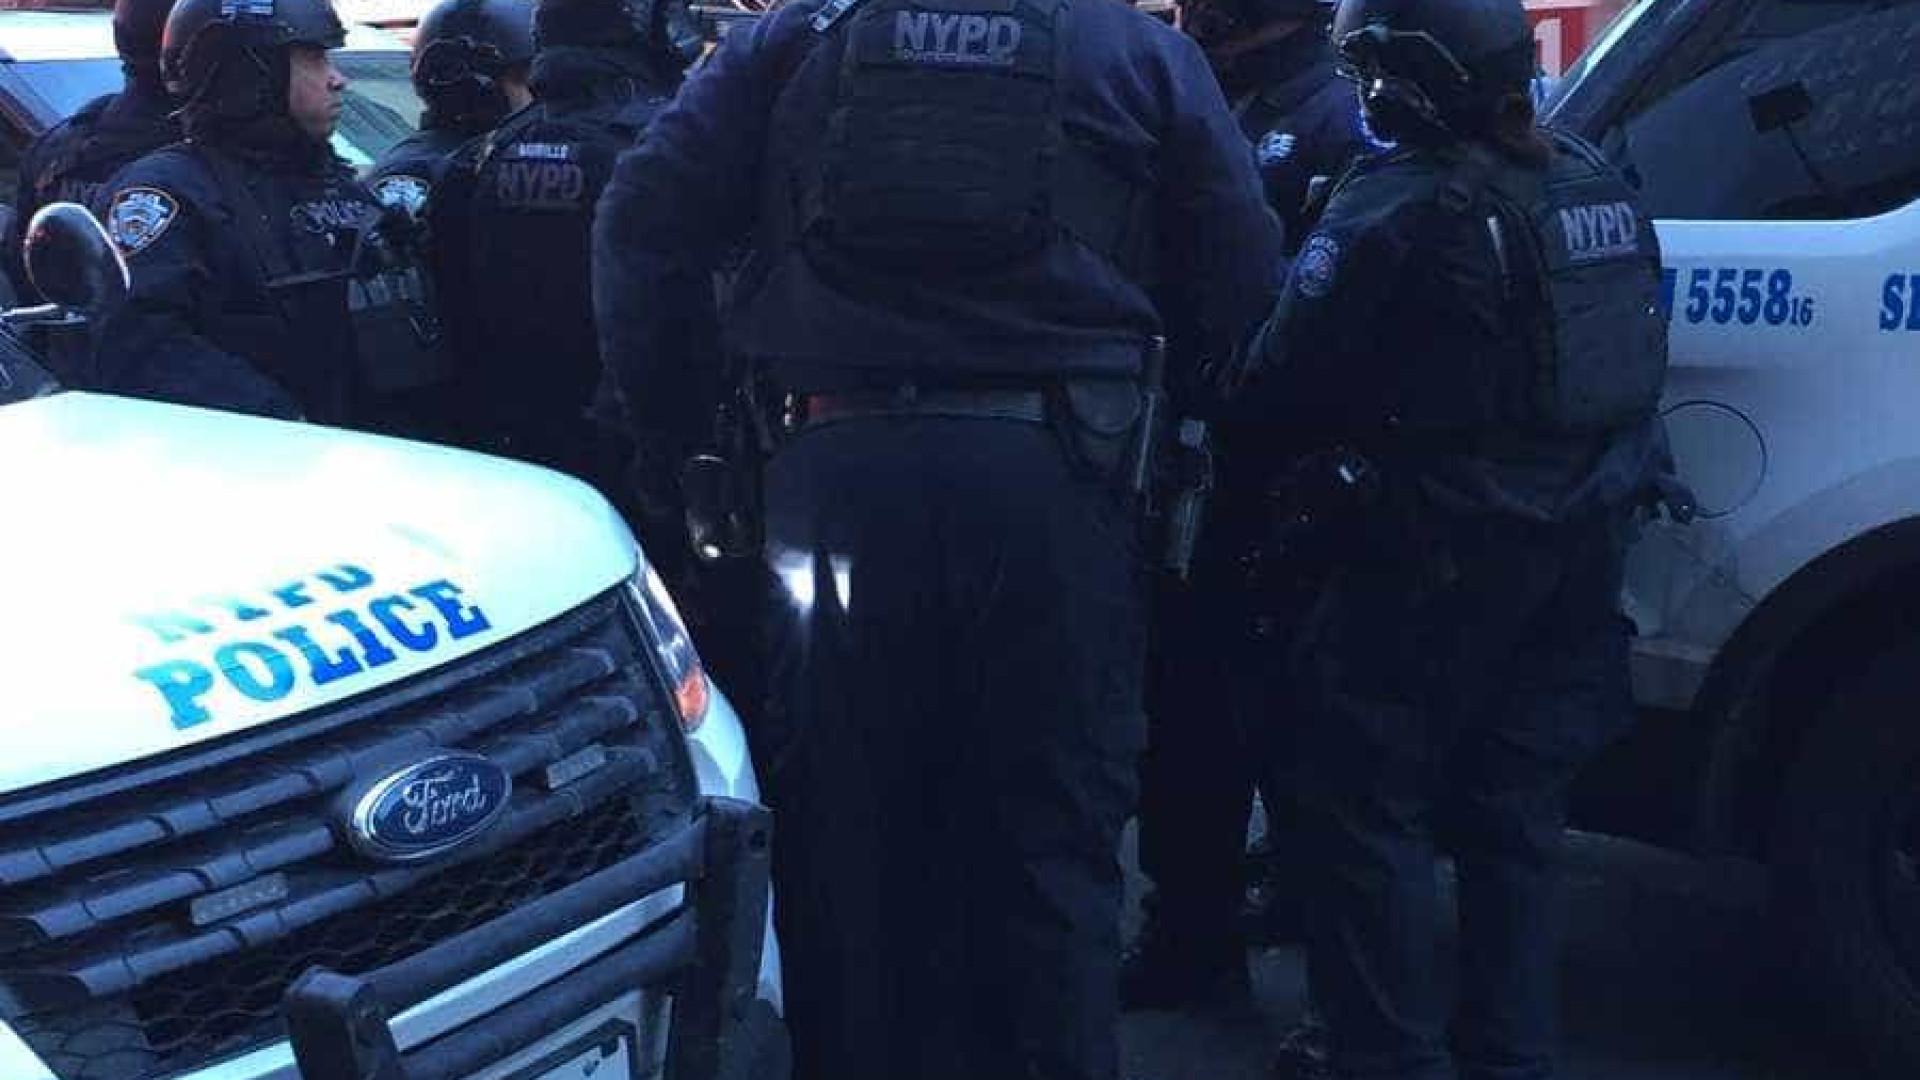 Explosão em terminal de autocarros em Manhattan. Uma pessoa detida